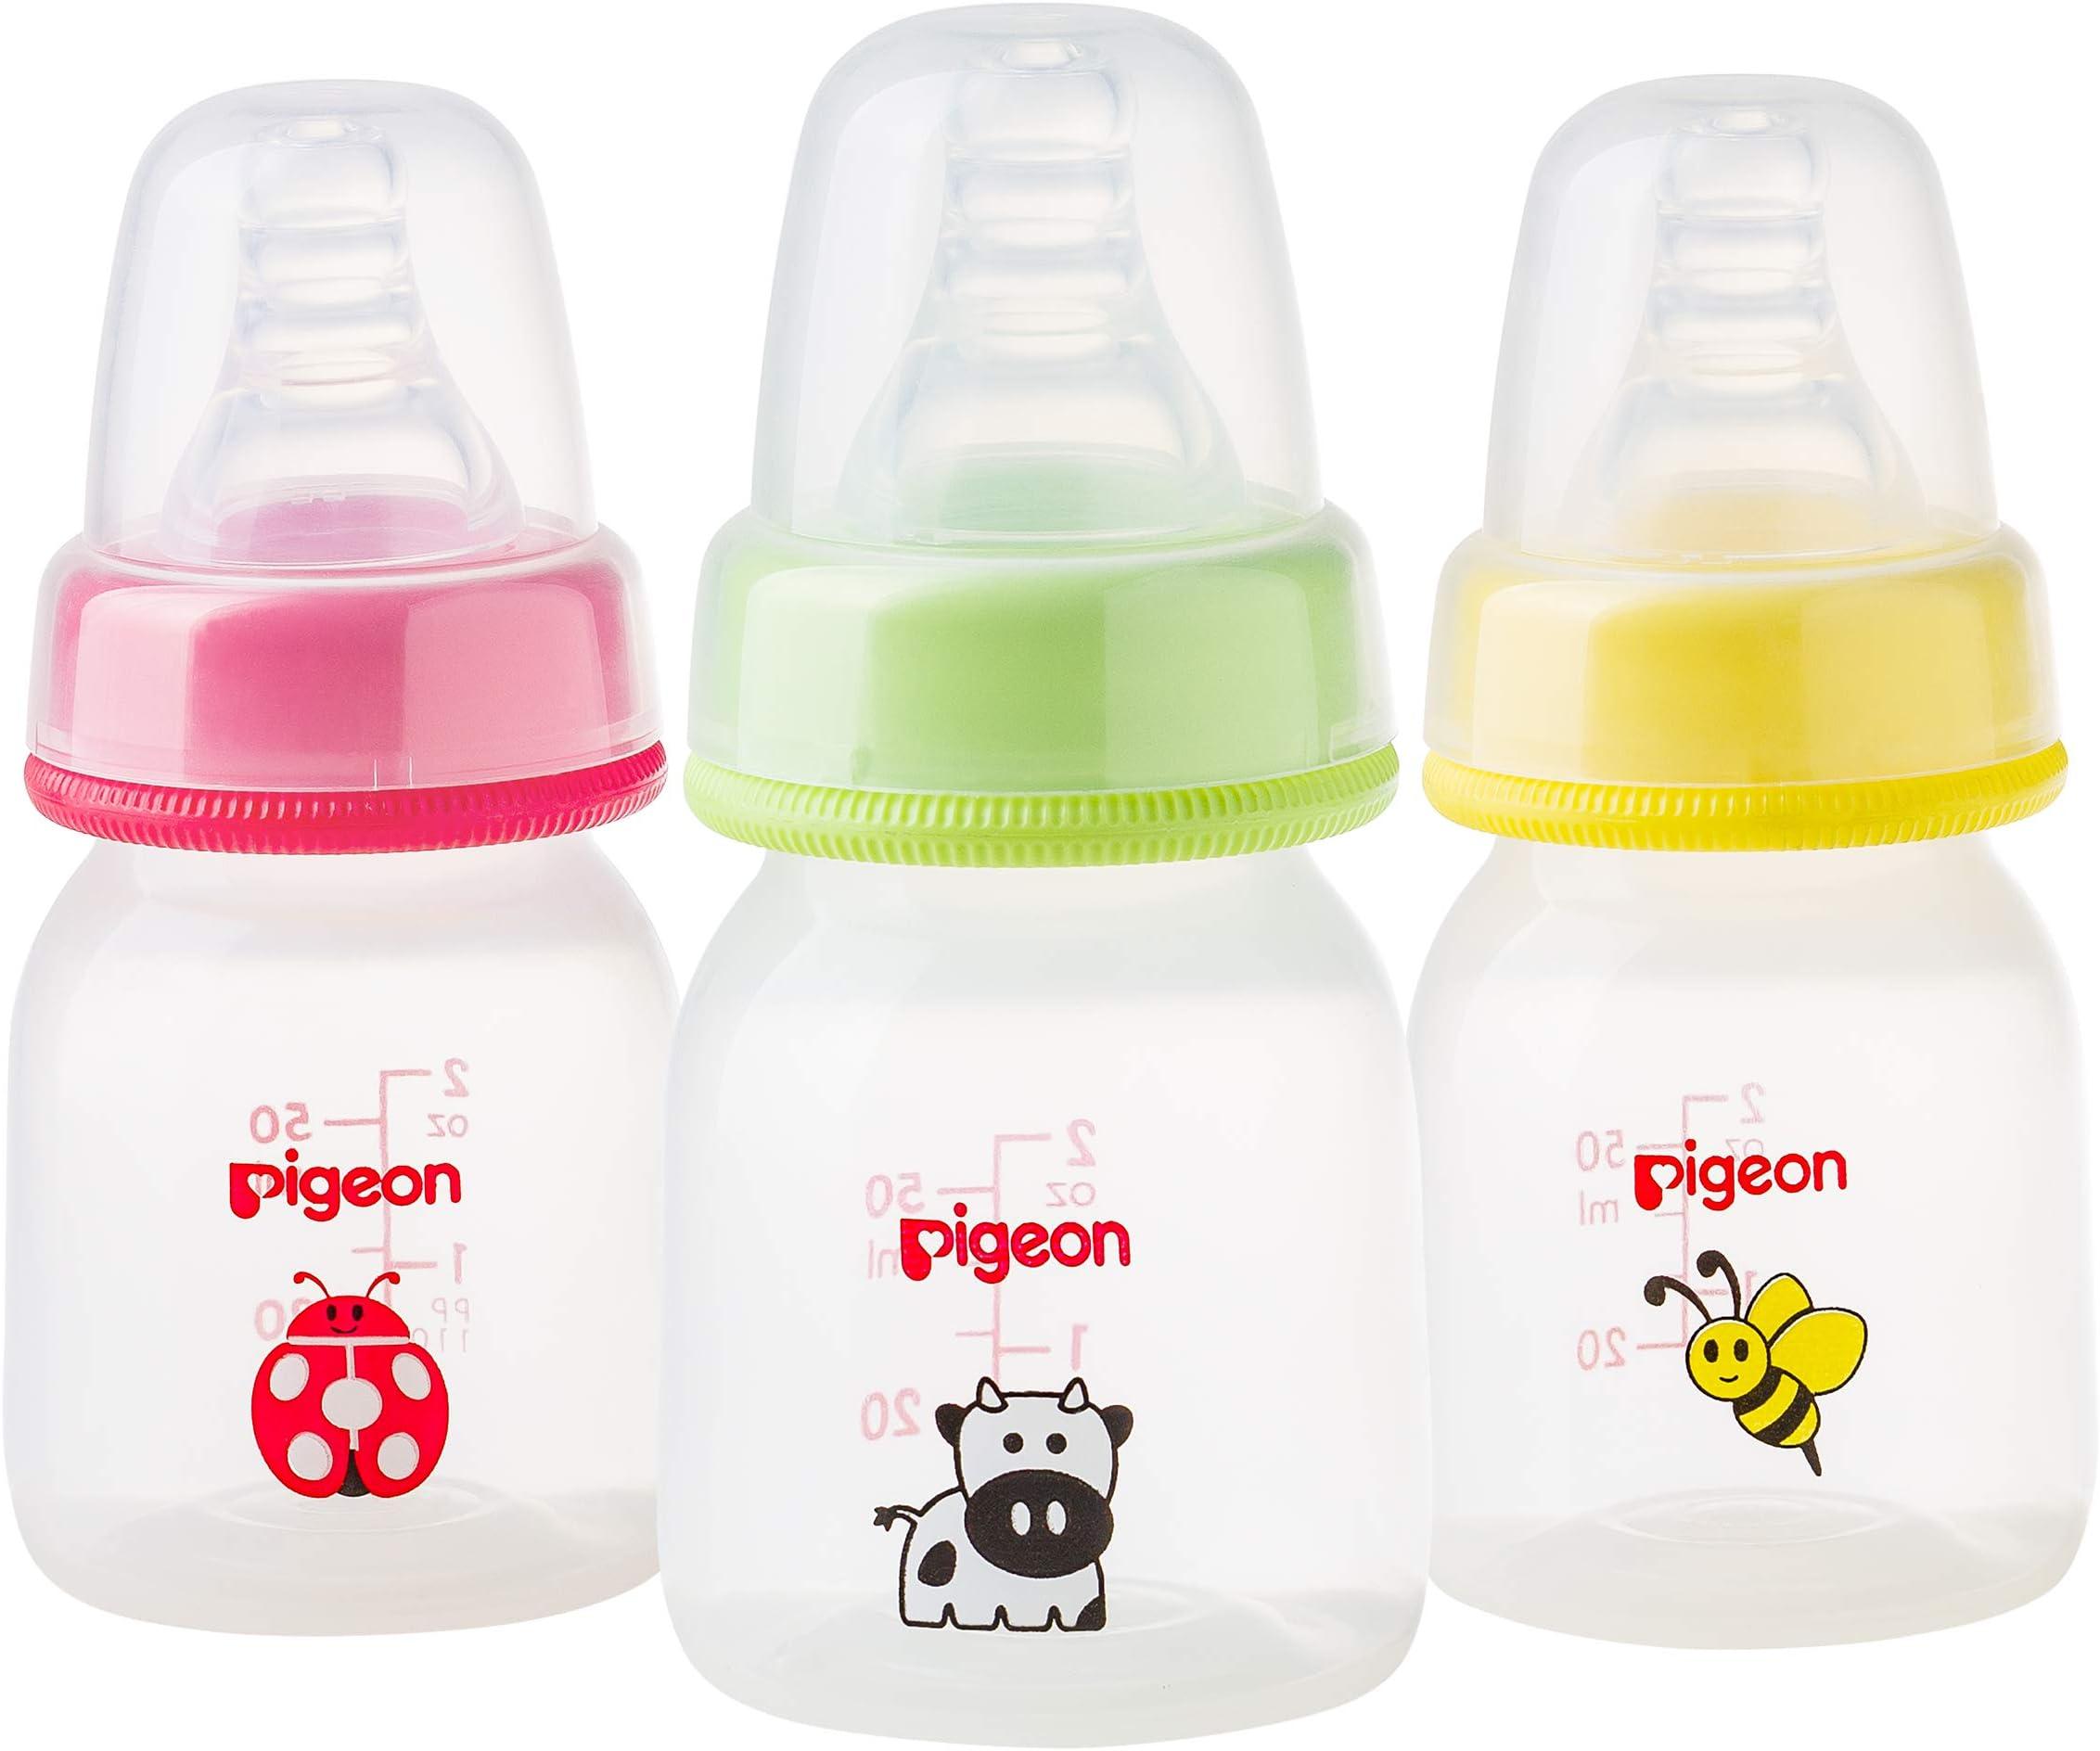 زجاجة رضاعة تمعجية، بسعة 50 مل - بألوان متنوعة